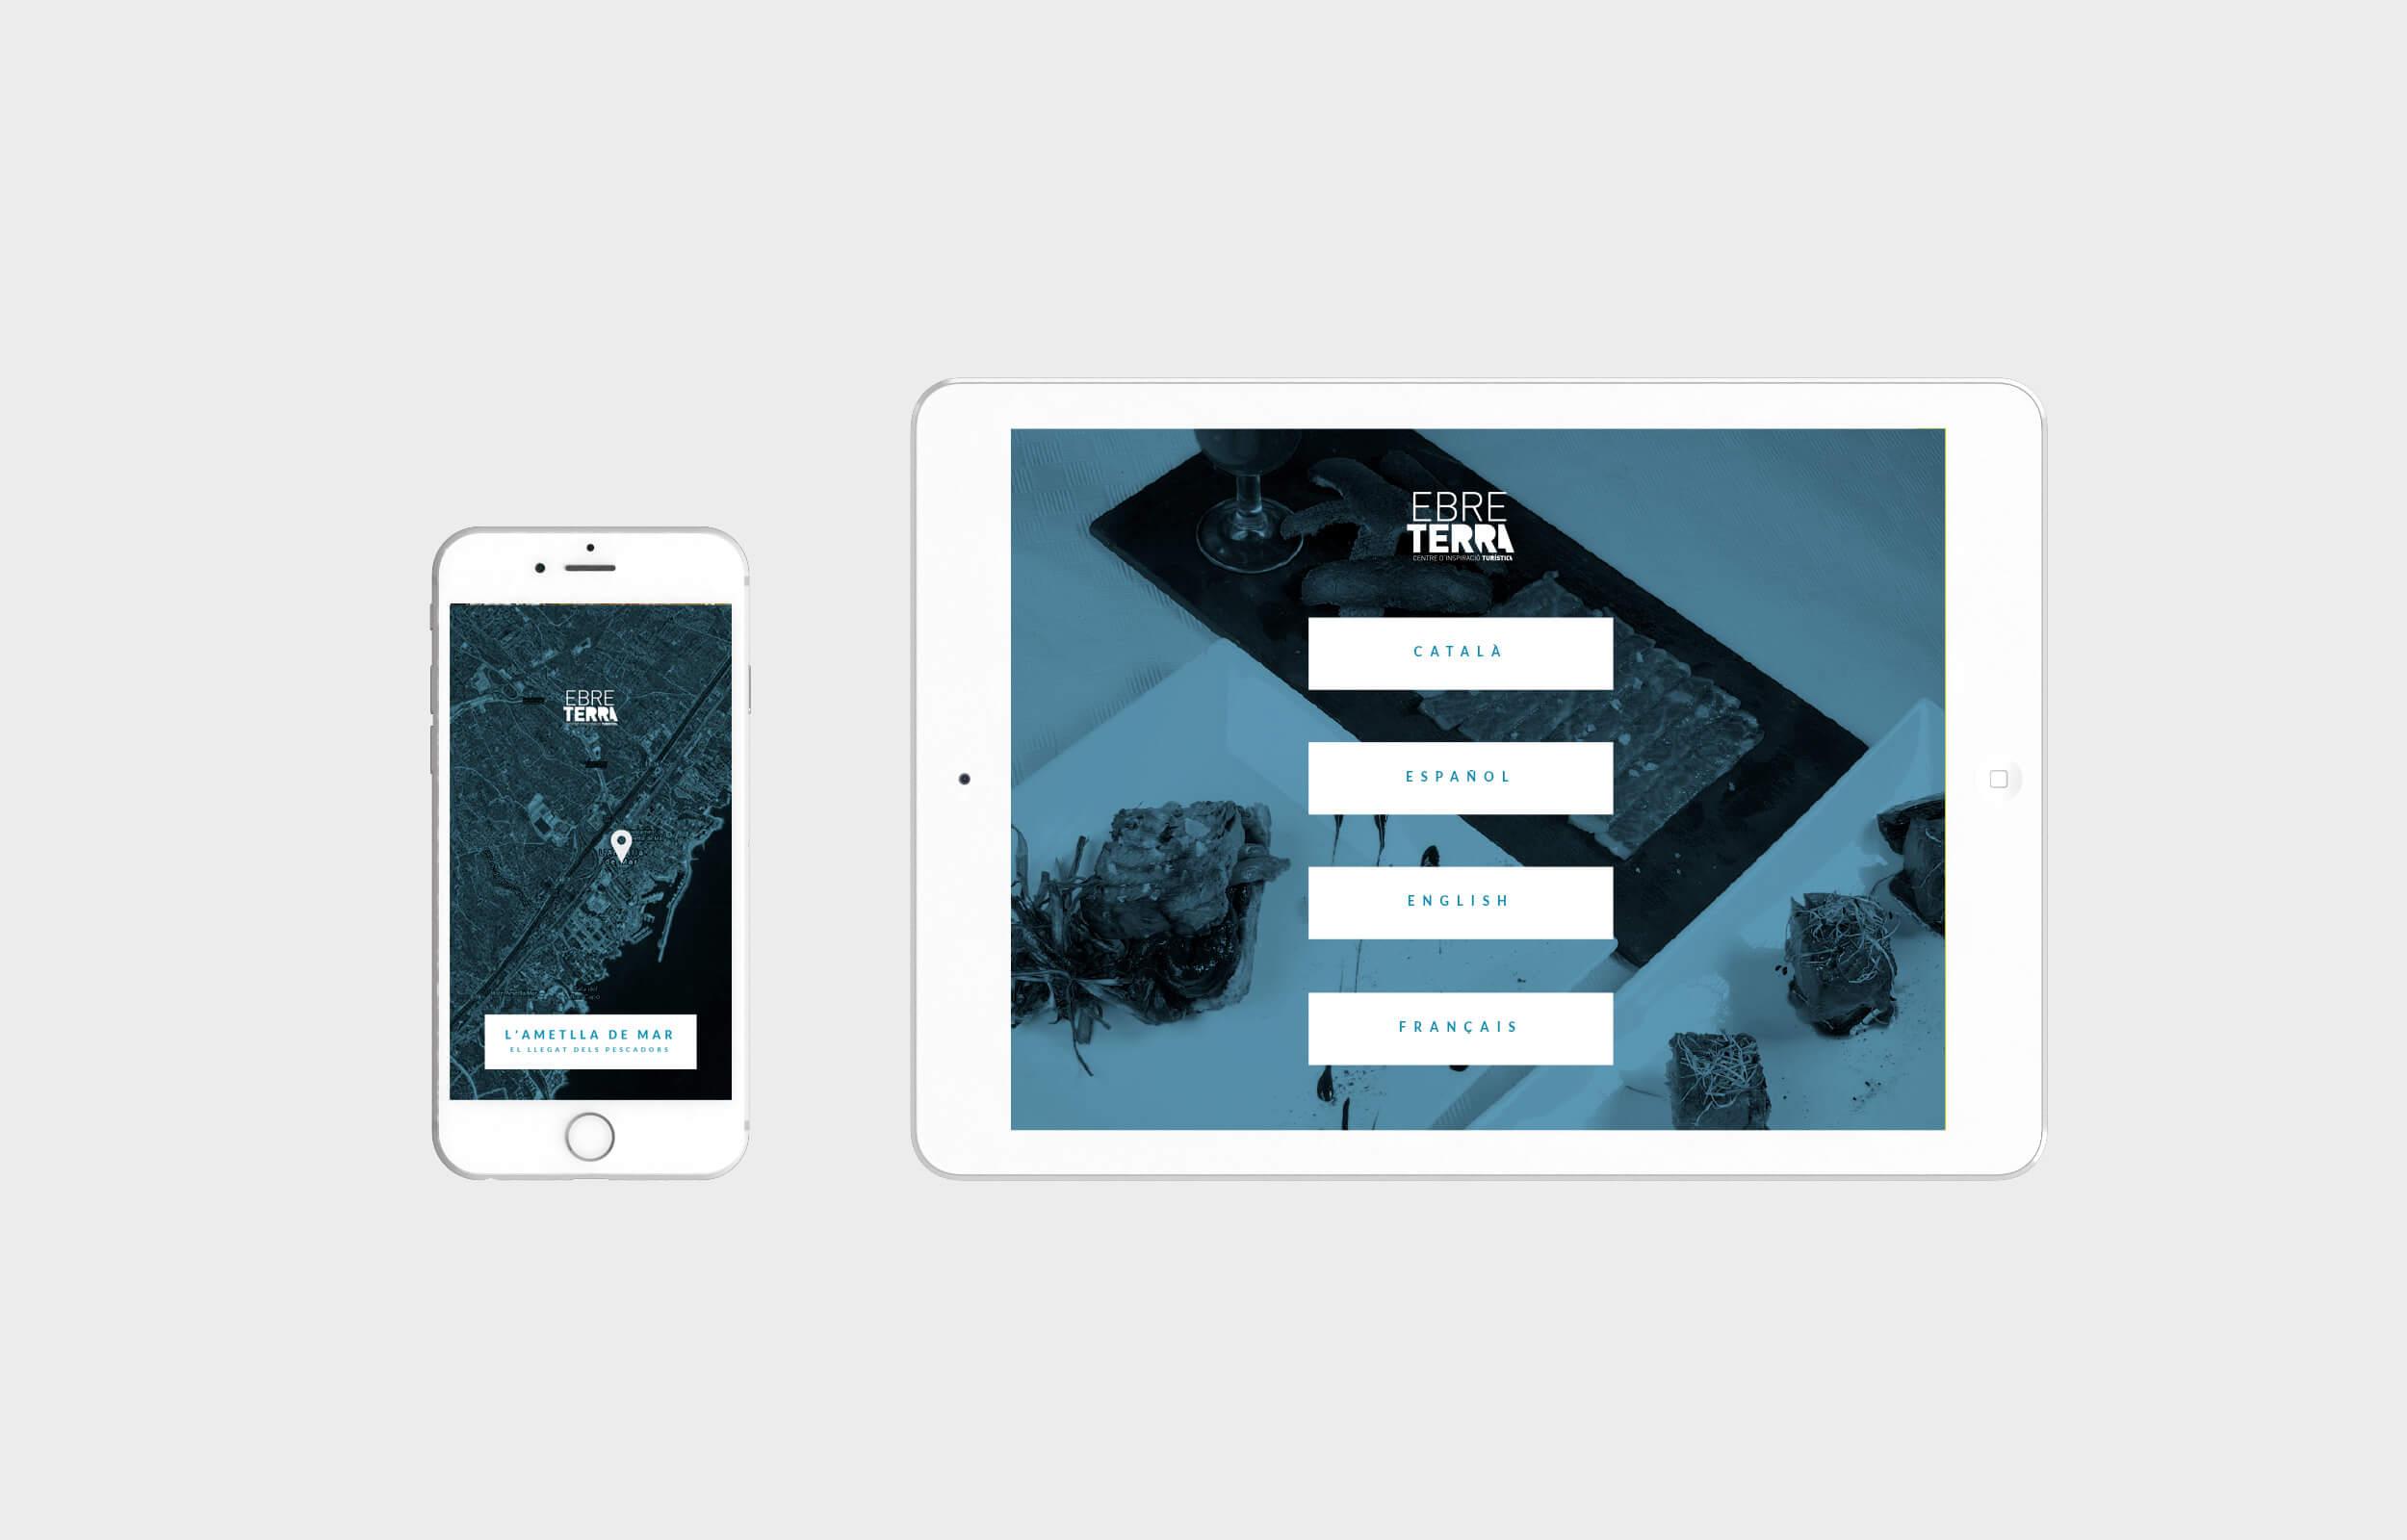 Diseño y programación de Apps y web para el Centre Ebre Terra